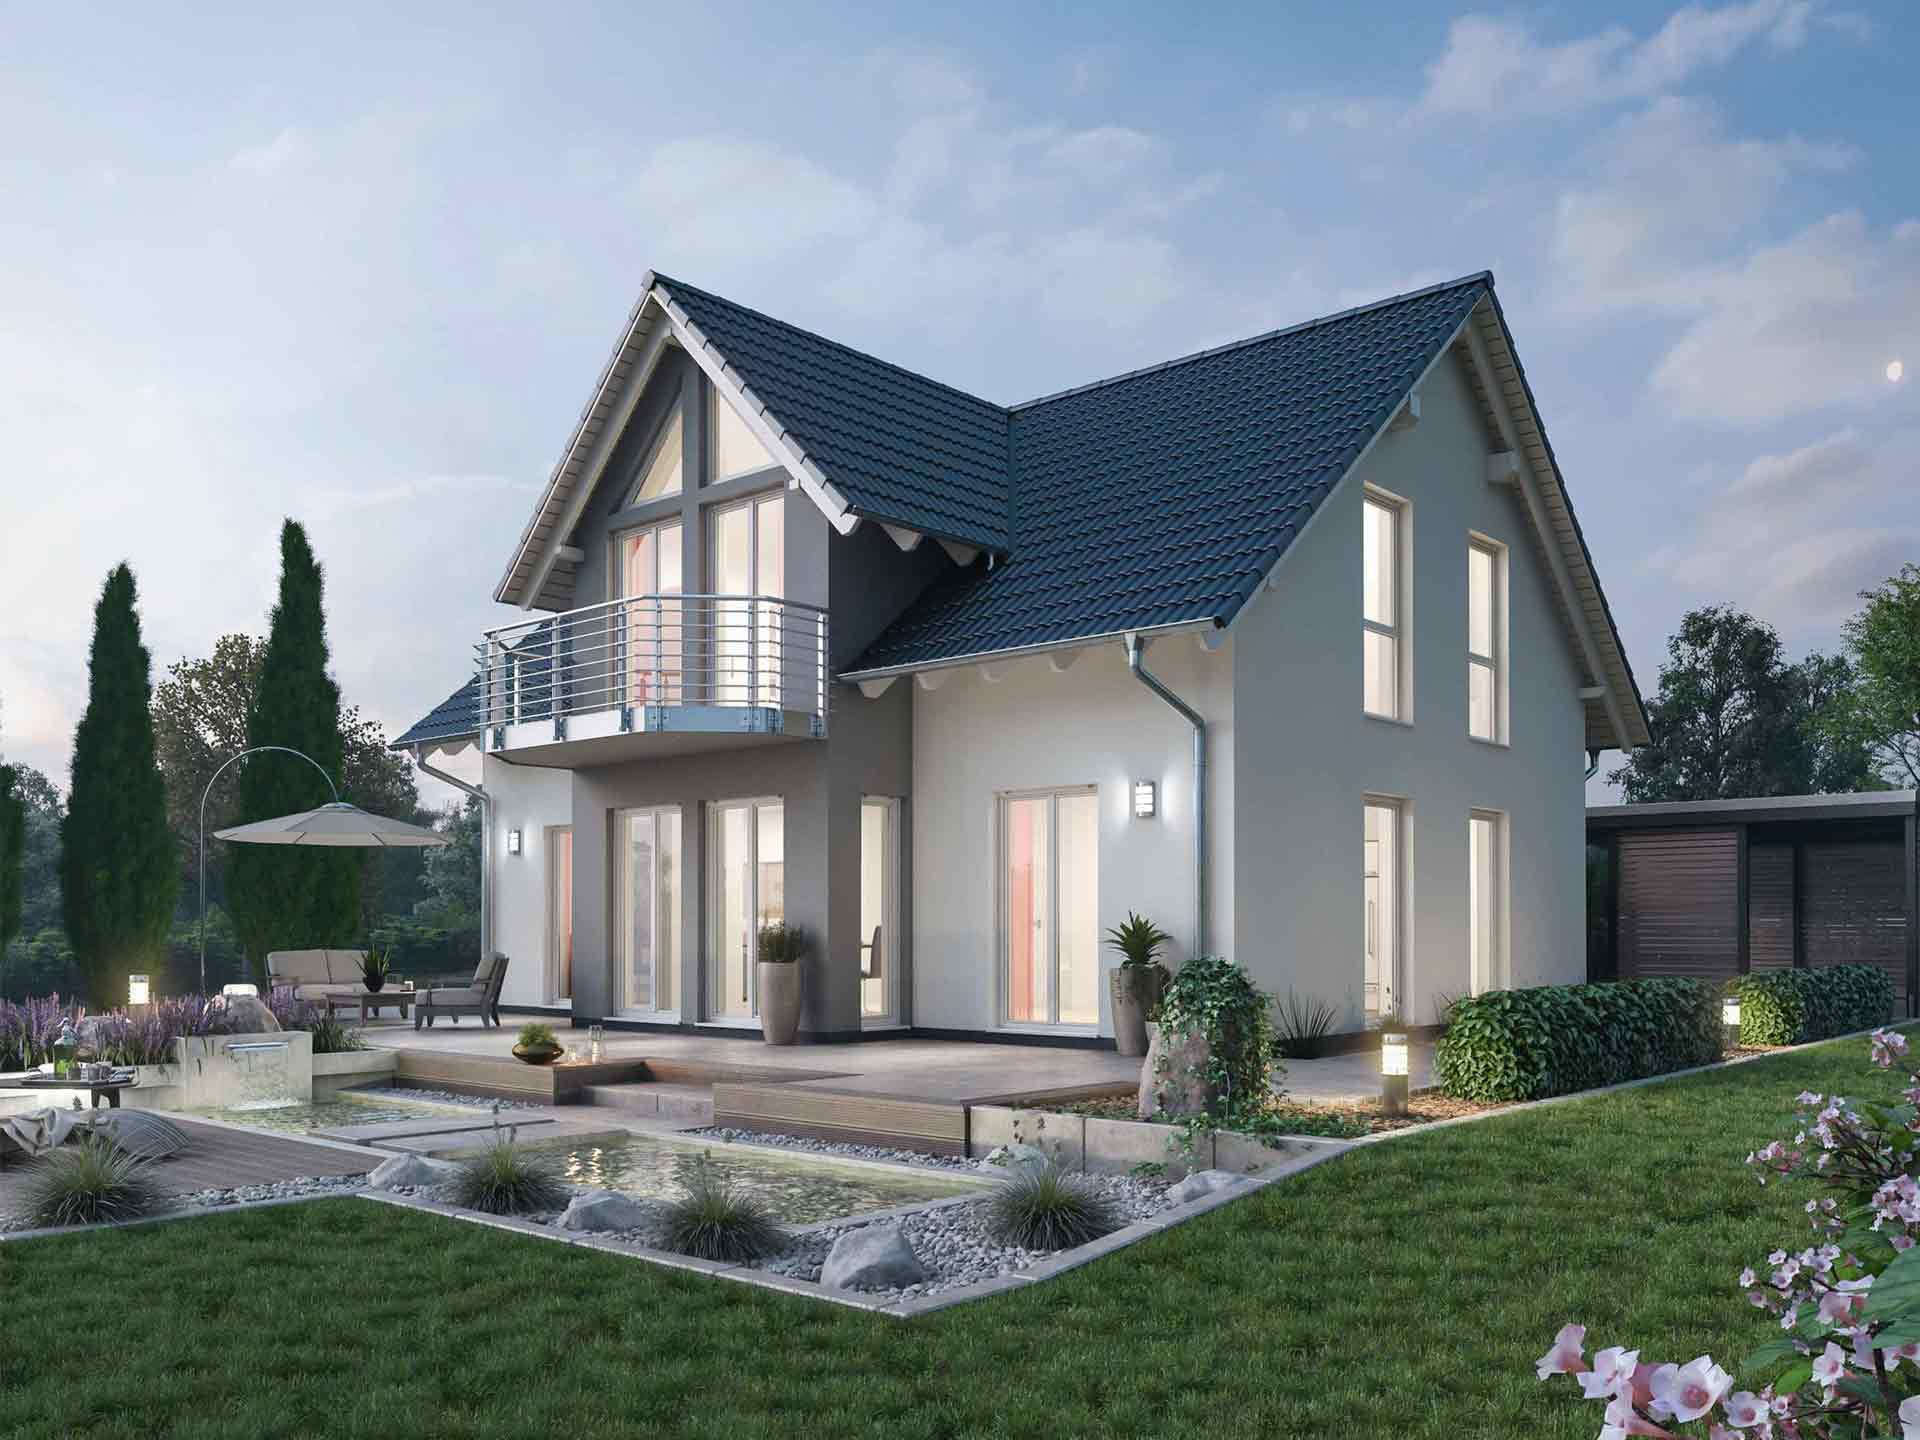 Baubetreuung.haus Einfamilienhaus 151